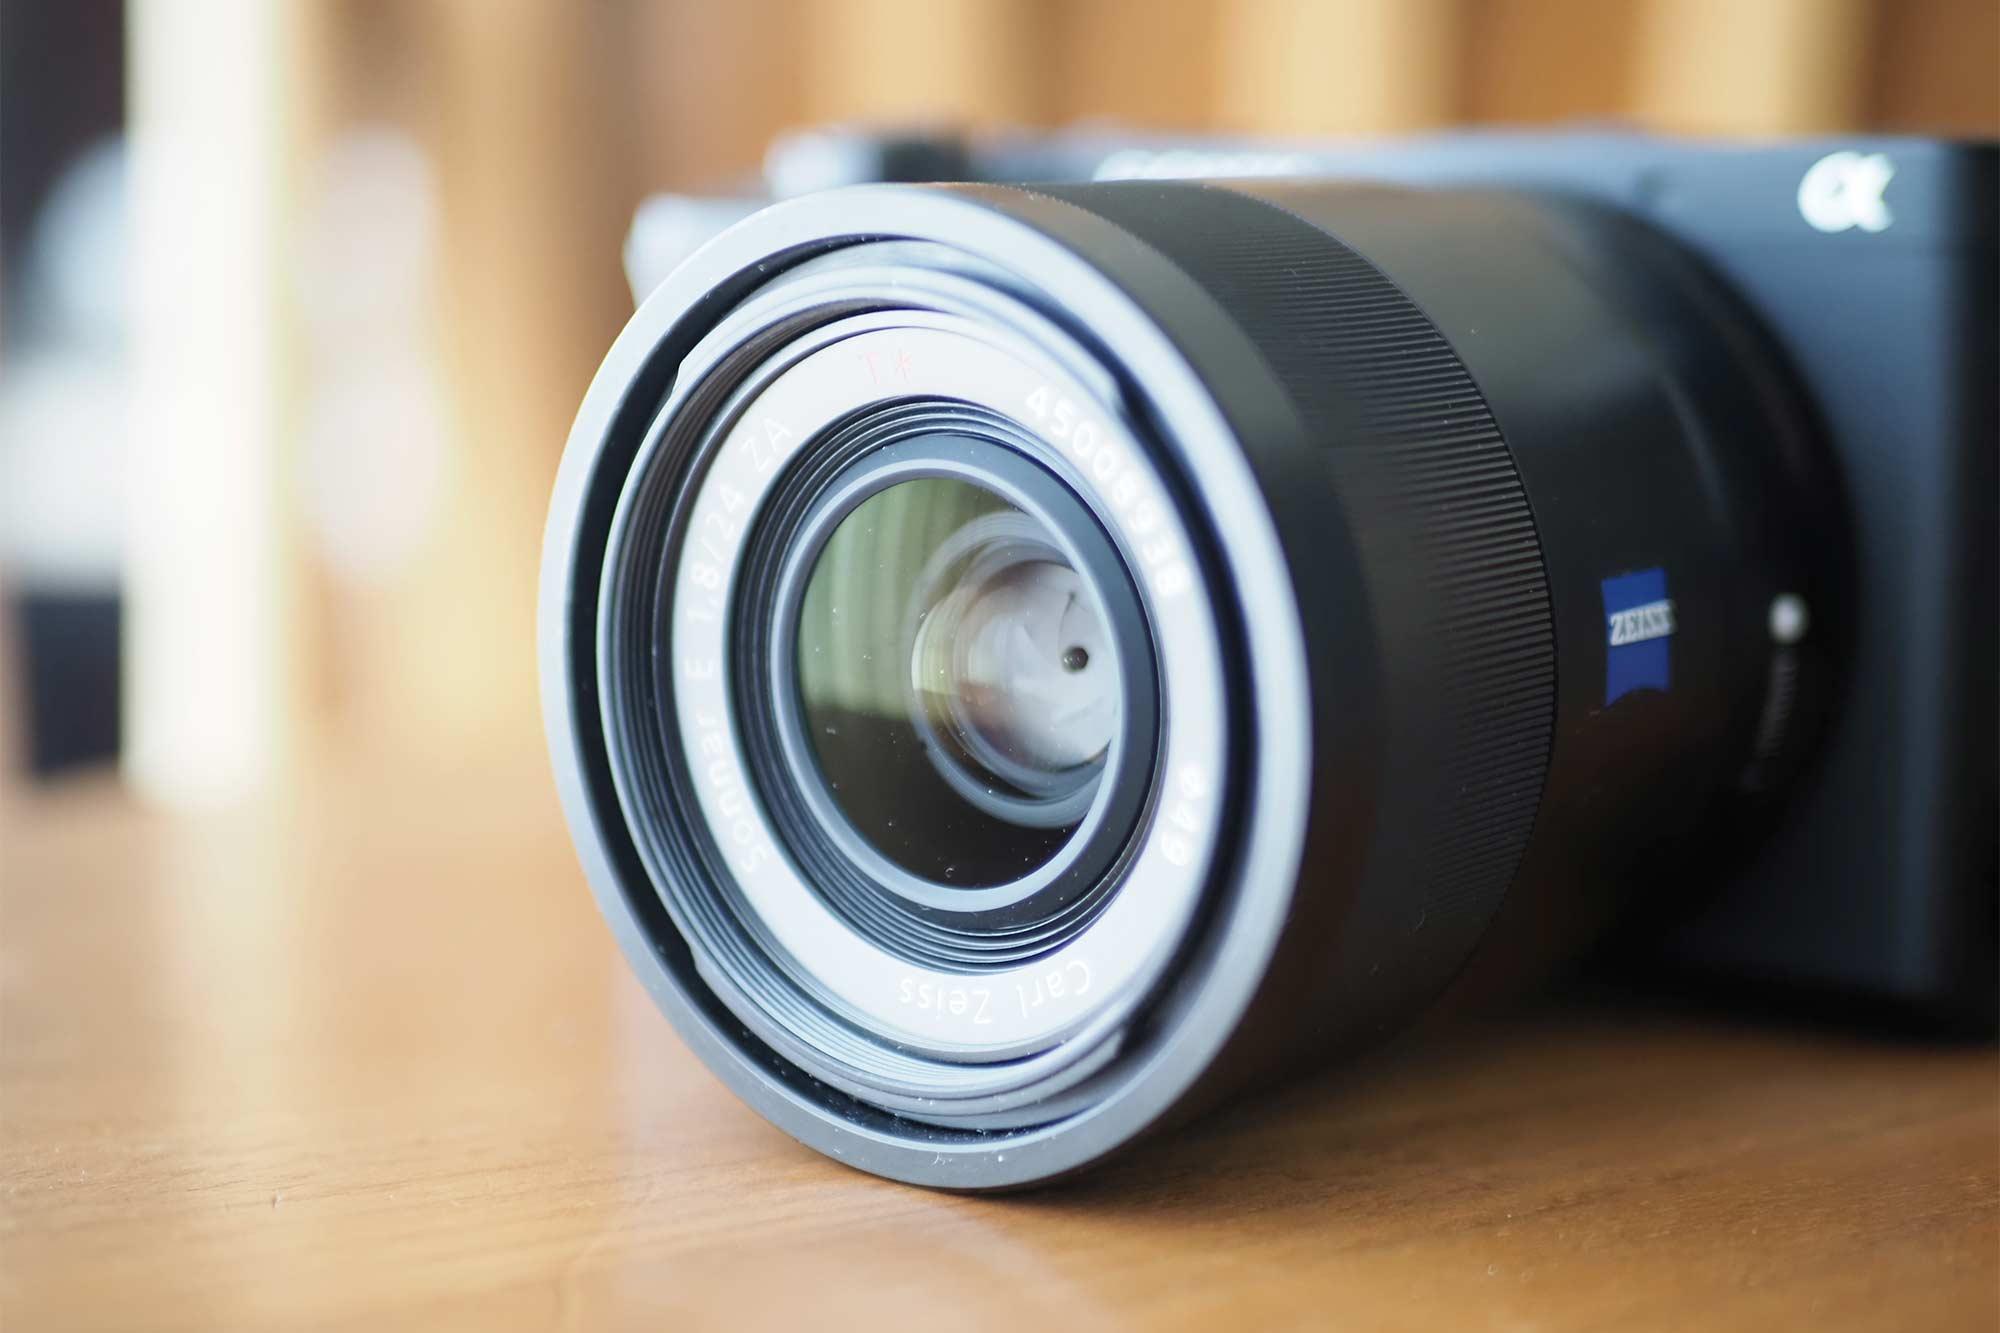 ソニー,sony,apsc,単焦点,24mm,f1.8,Zeiss,フィルター径49mm